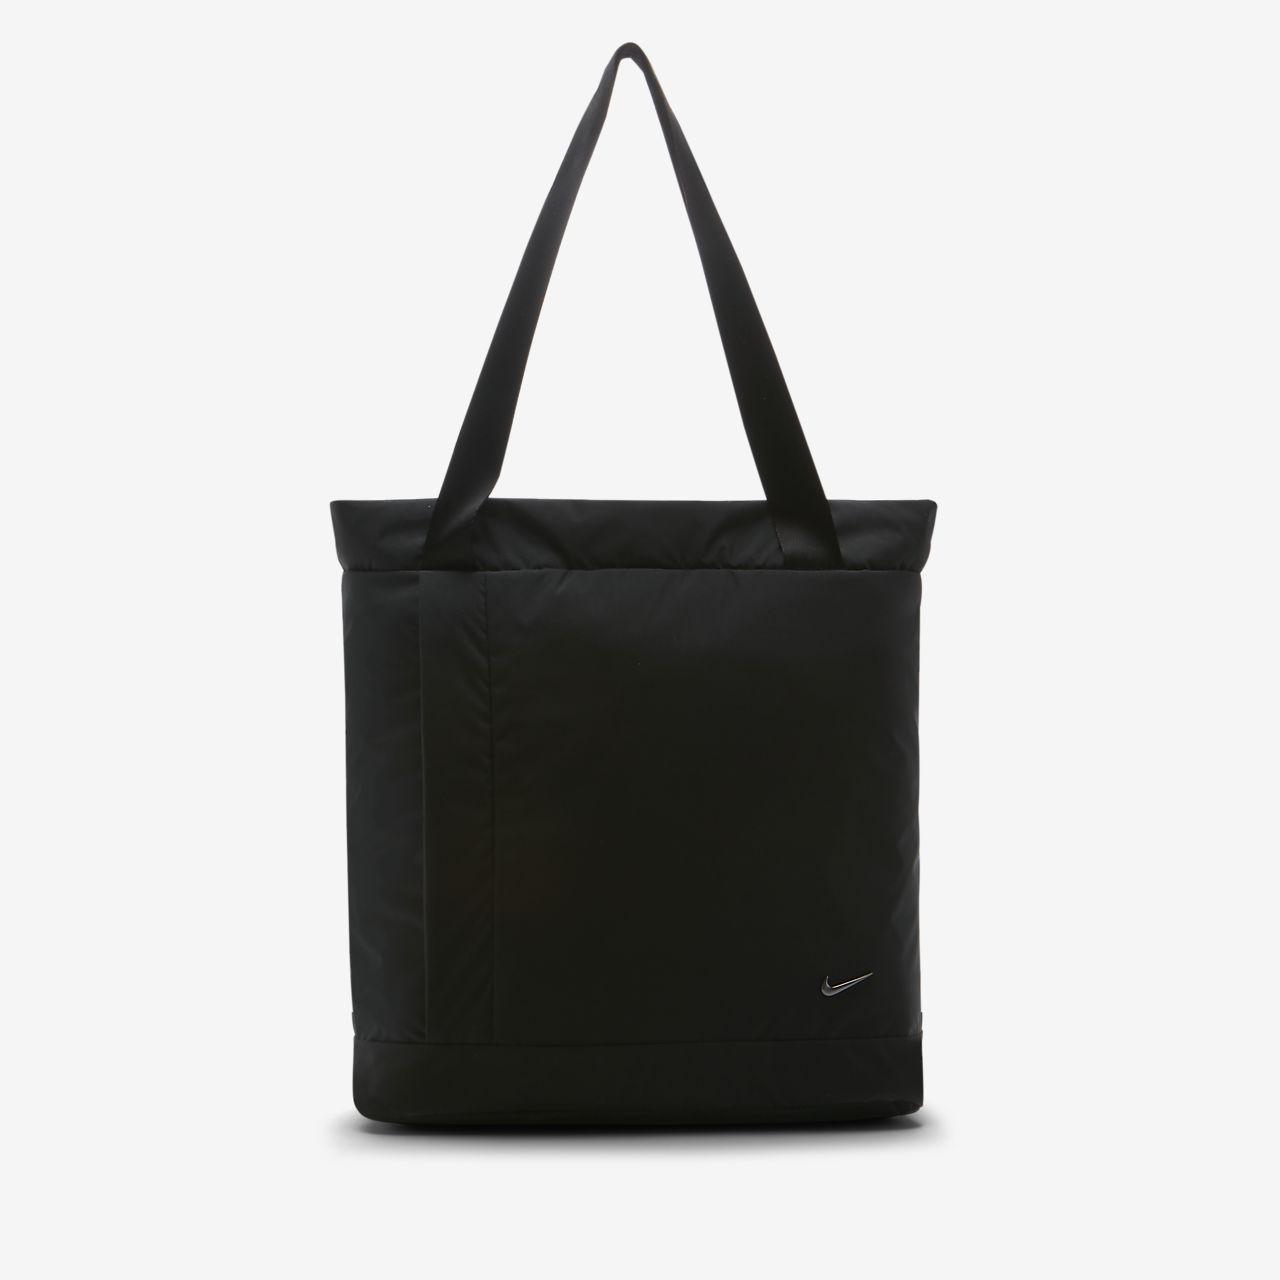 กระเป๋าสะพายเทรนนิ่ง Nike Legend